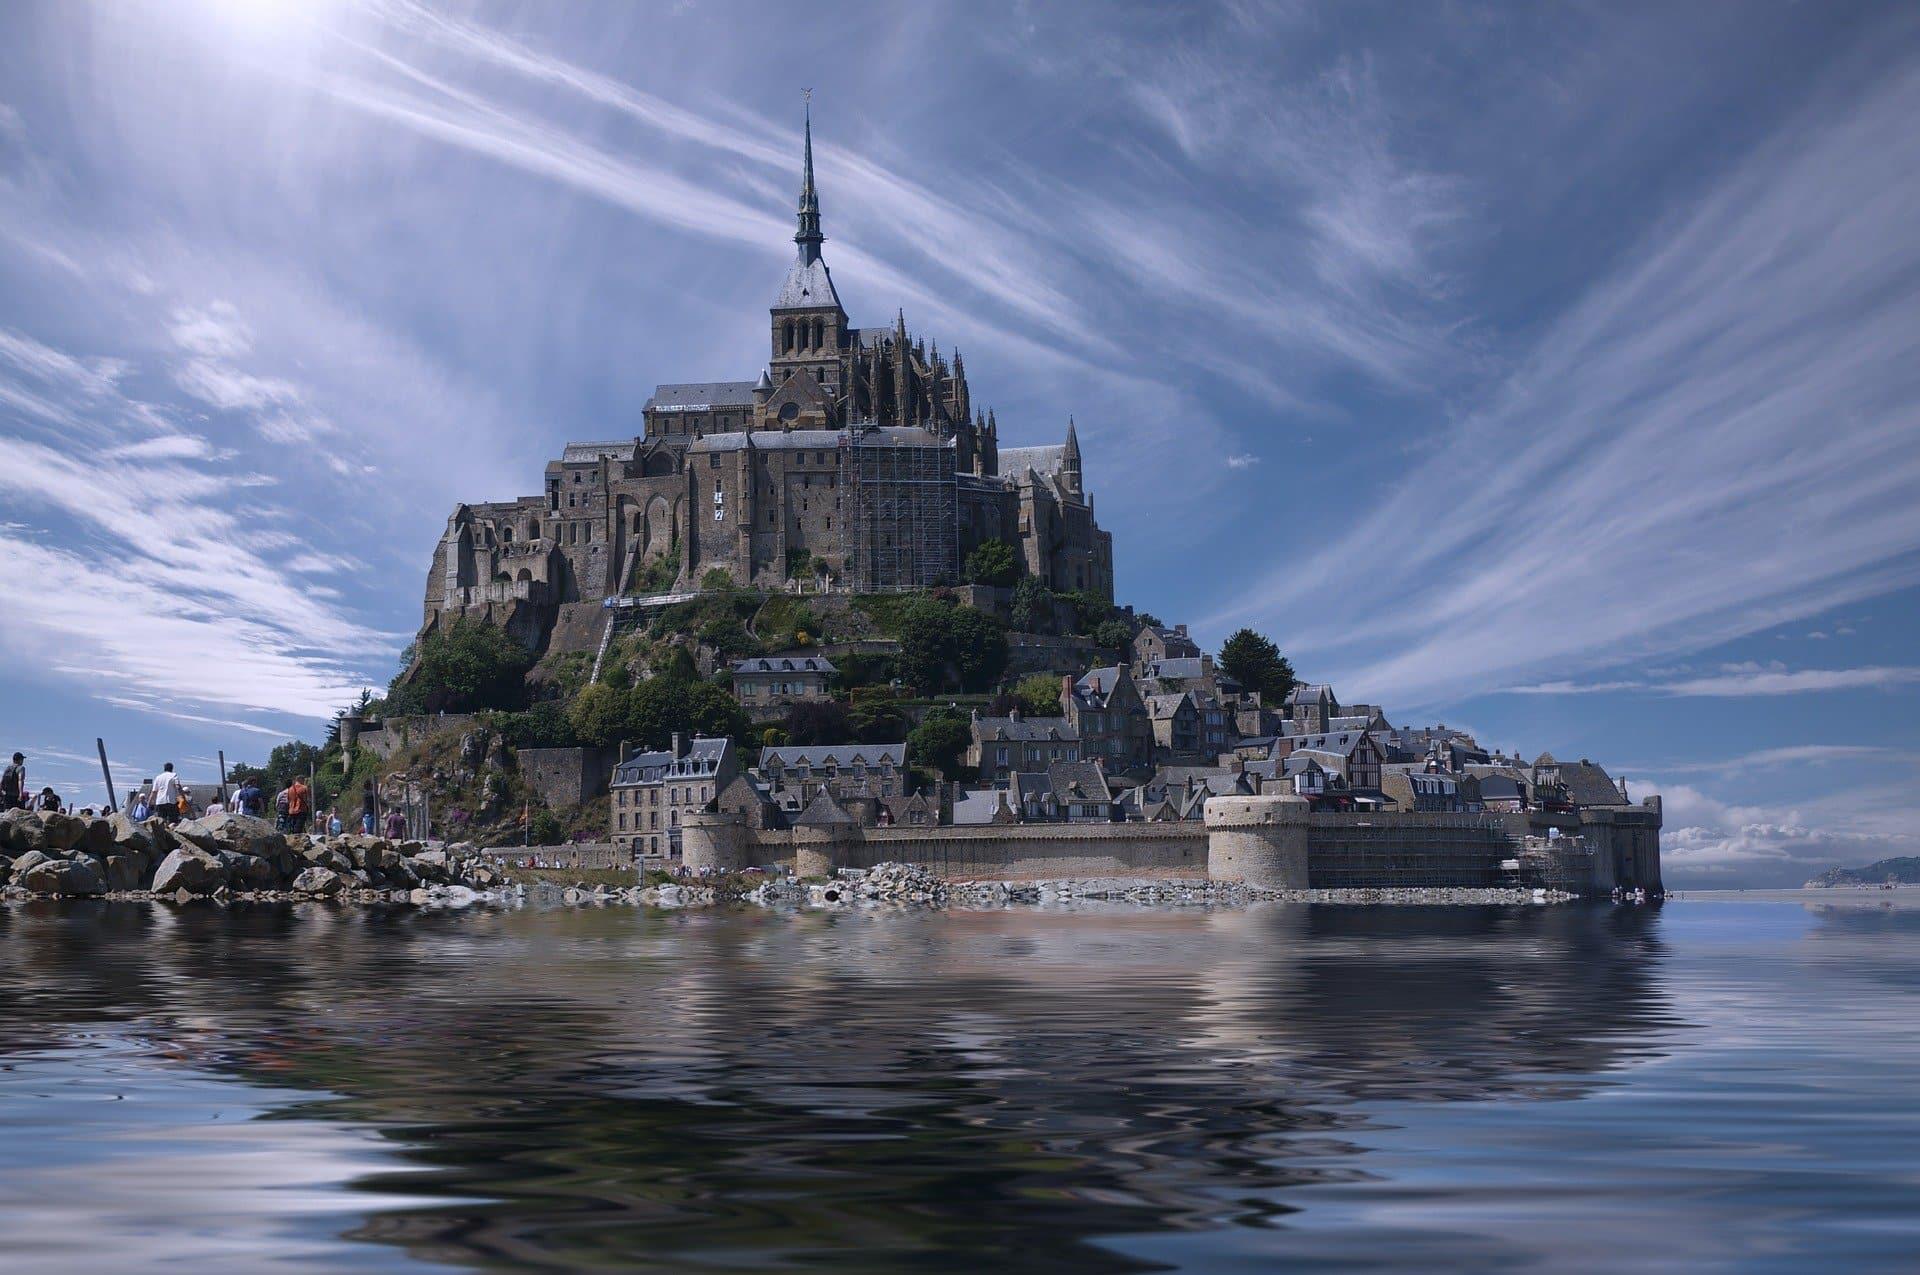 DAY 1 - The Mont-Saint-Michel